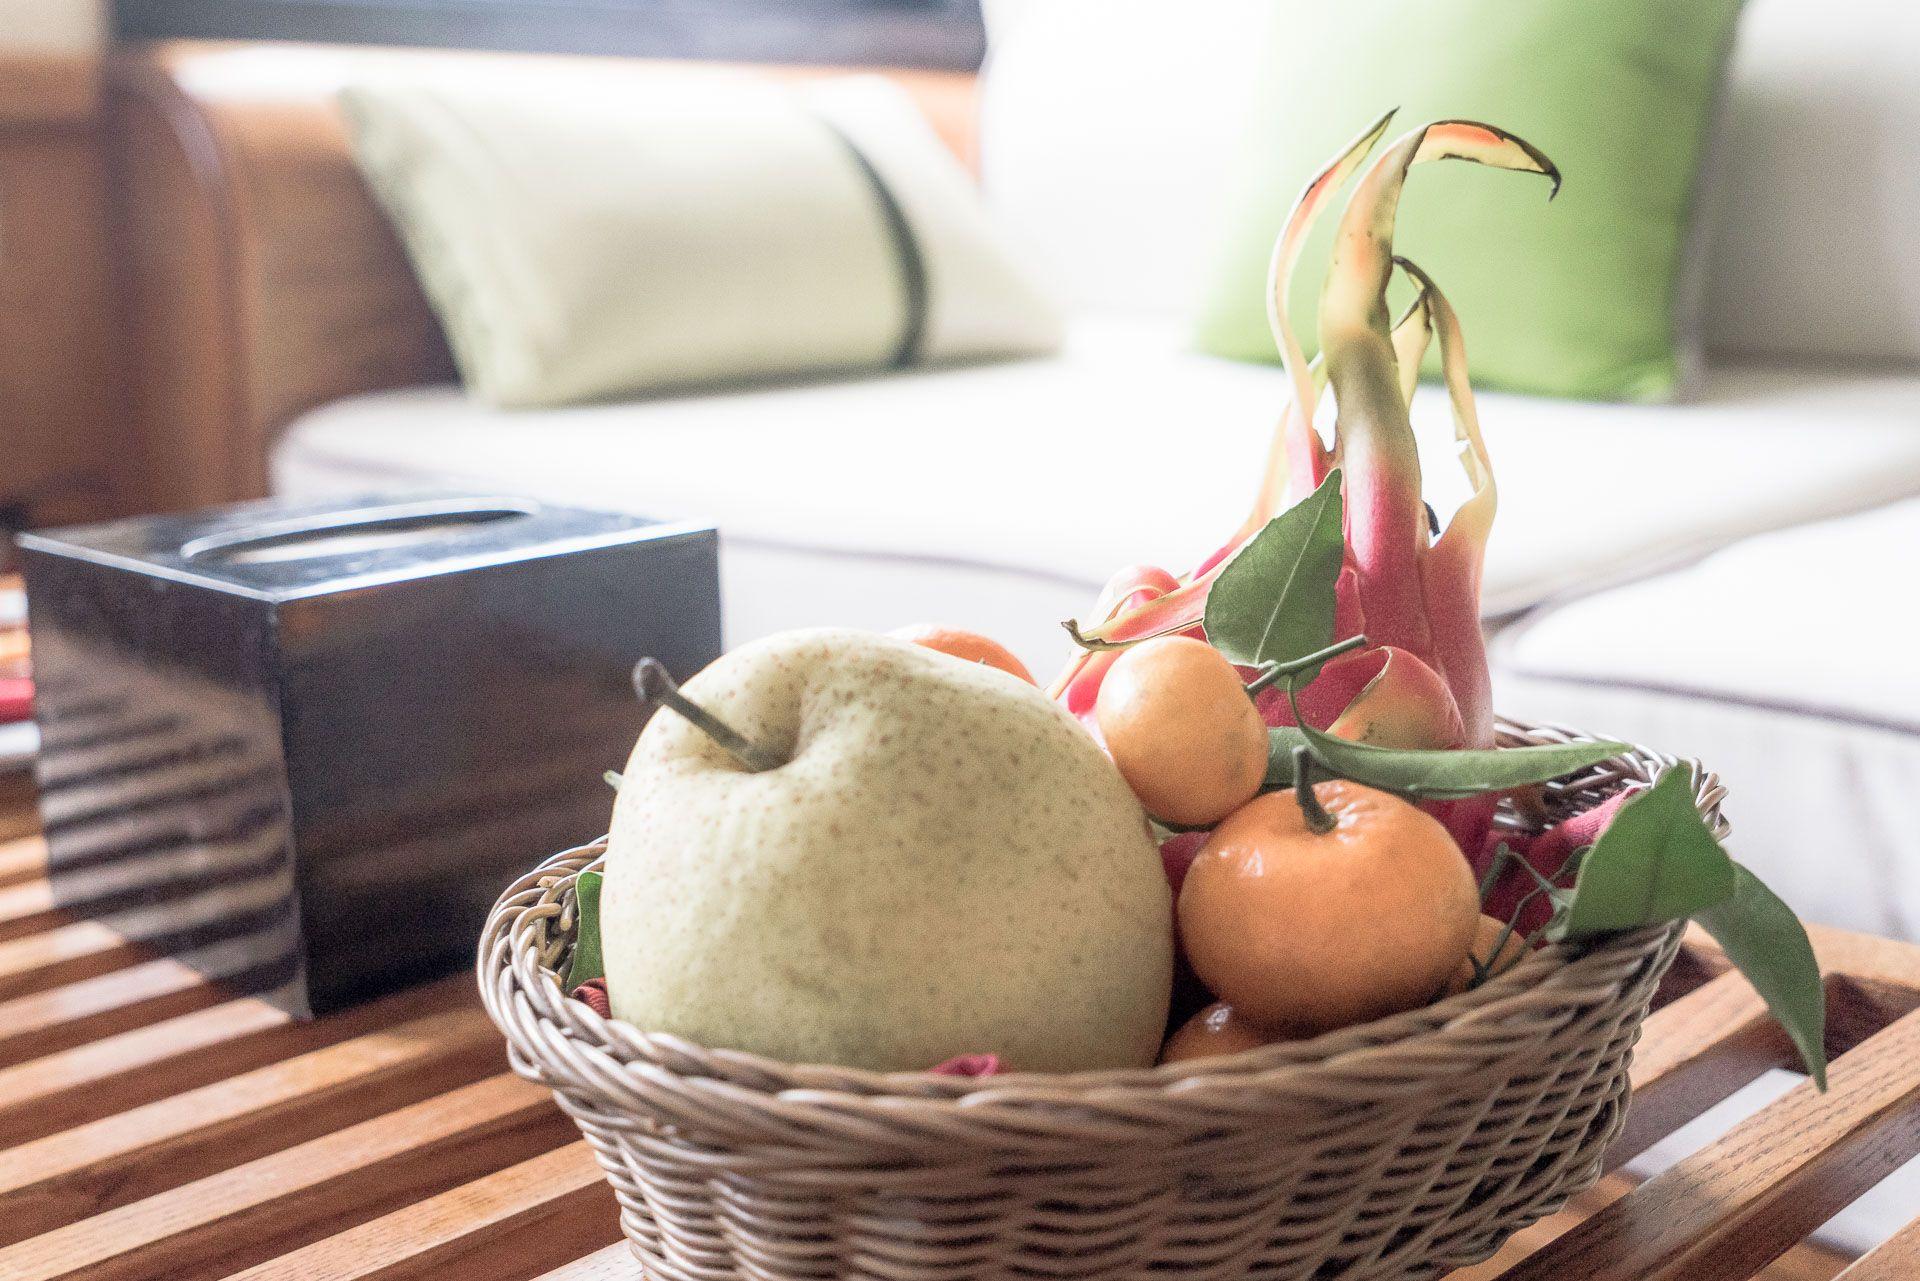 lesvoyageuses-croisiere-a-ha-long-bay-vietnam-6